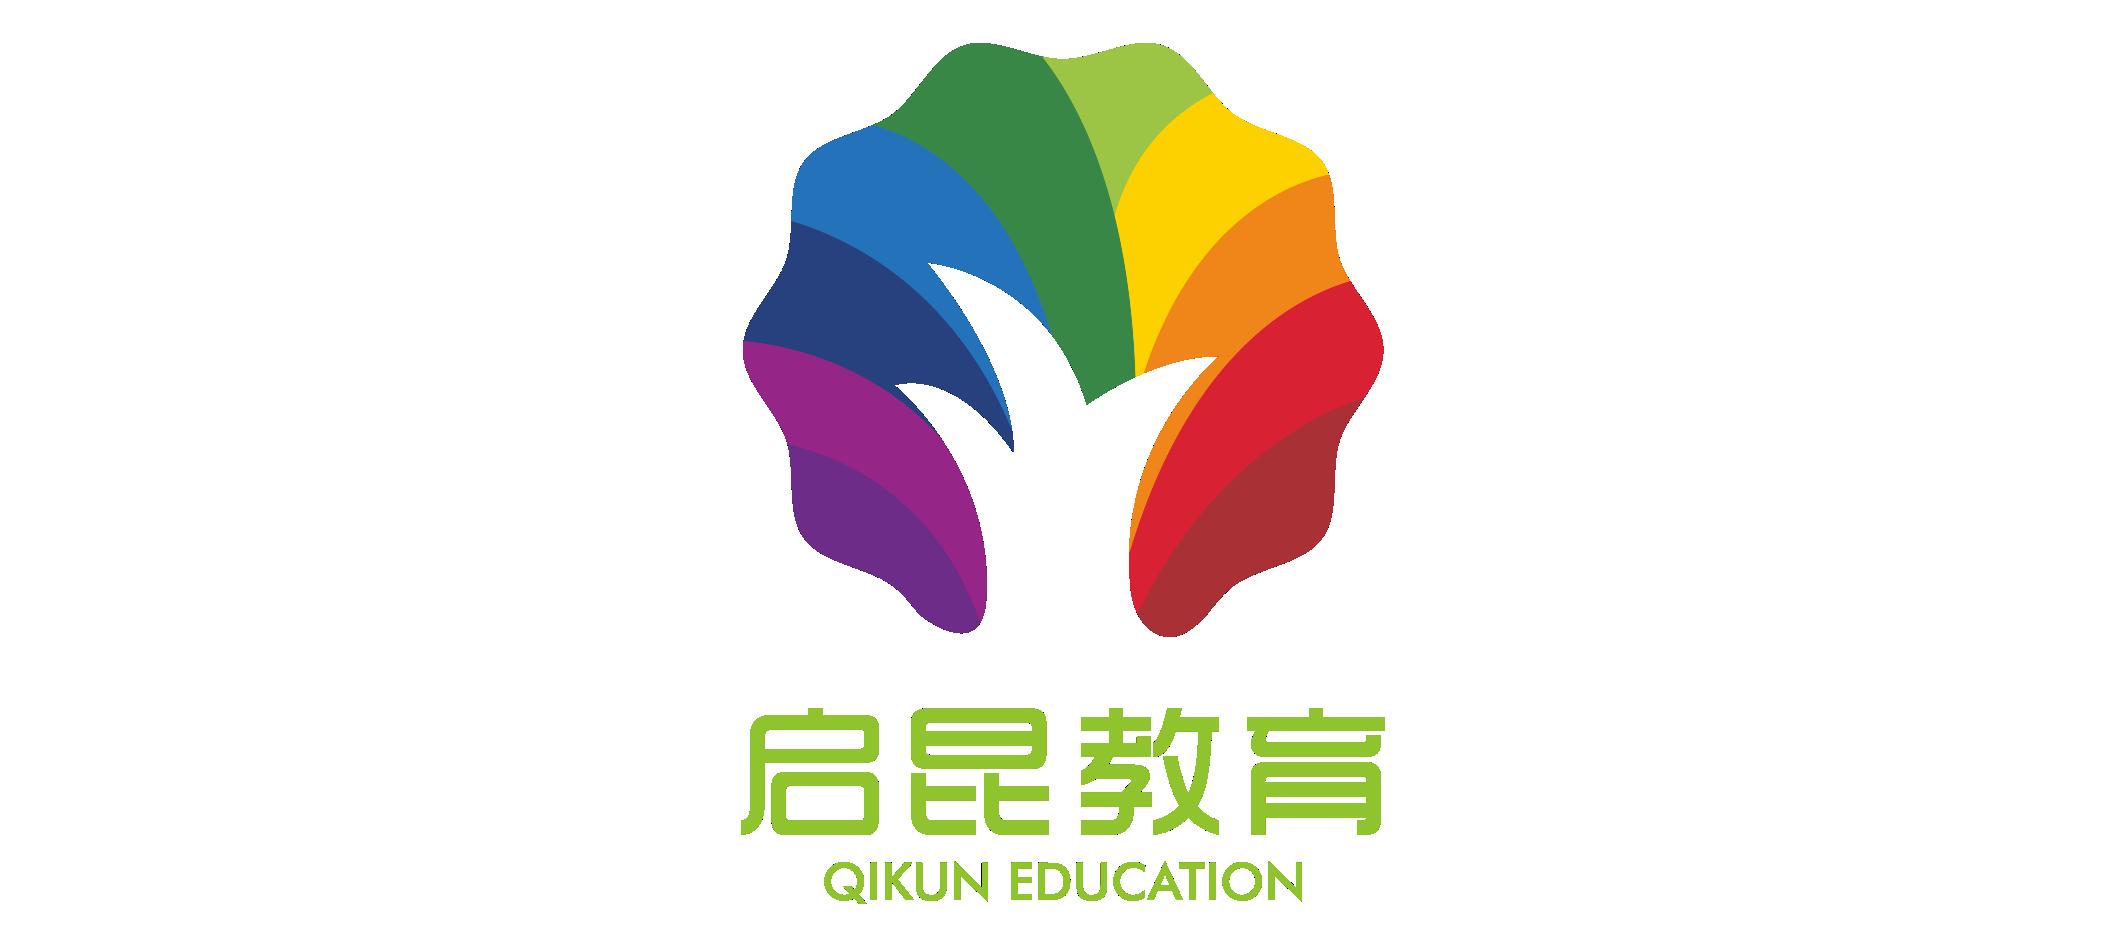 上海启昆教育科技有限公司绍兴柯桥分公司